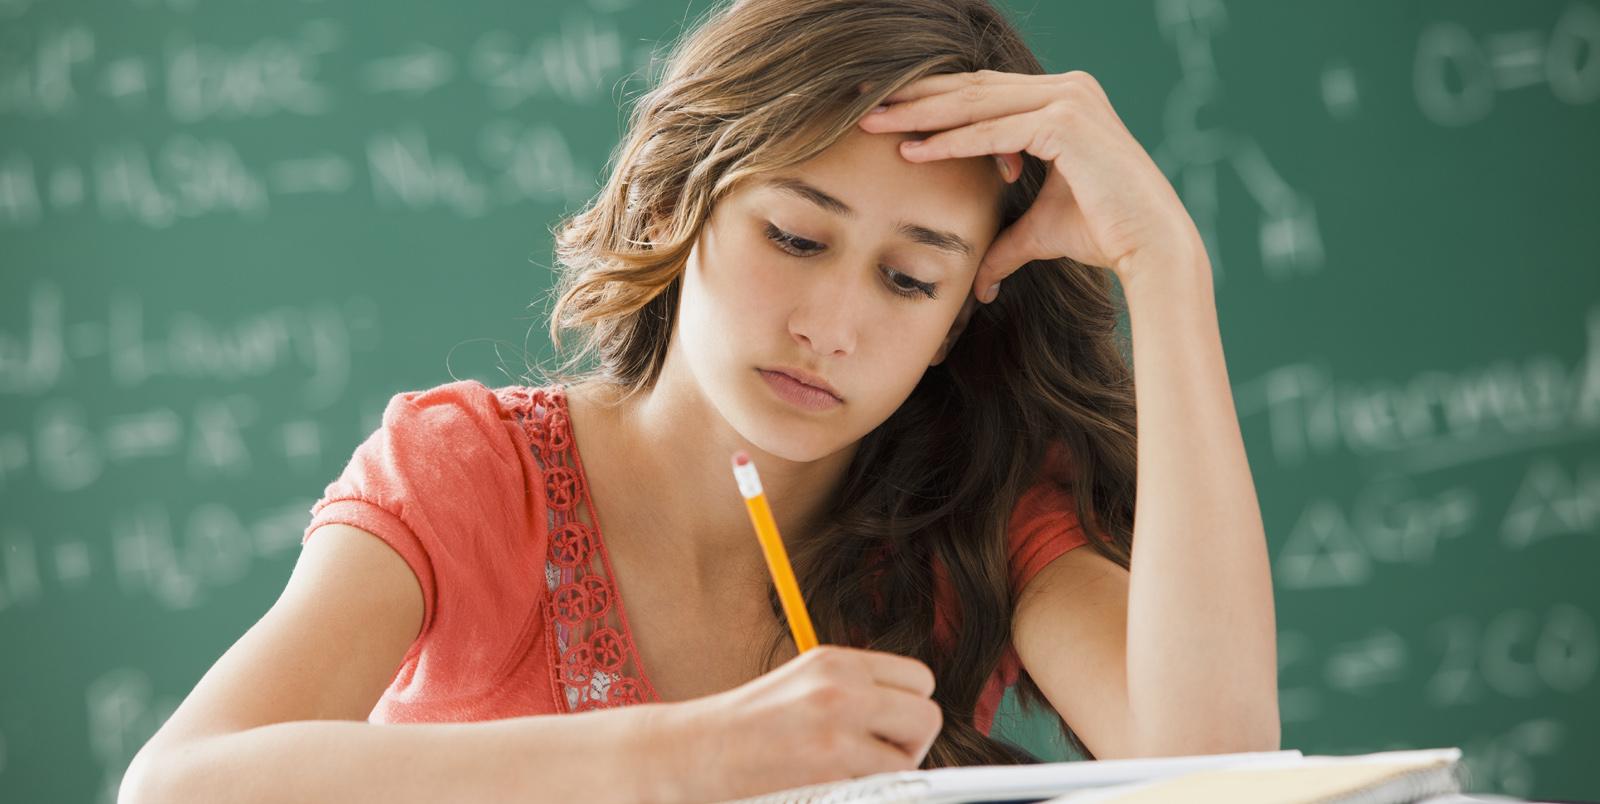 Science homework help bioecology